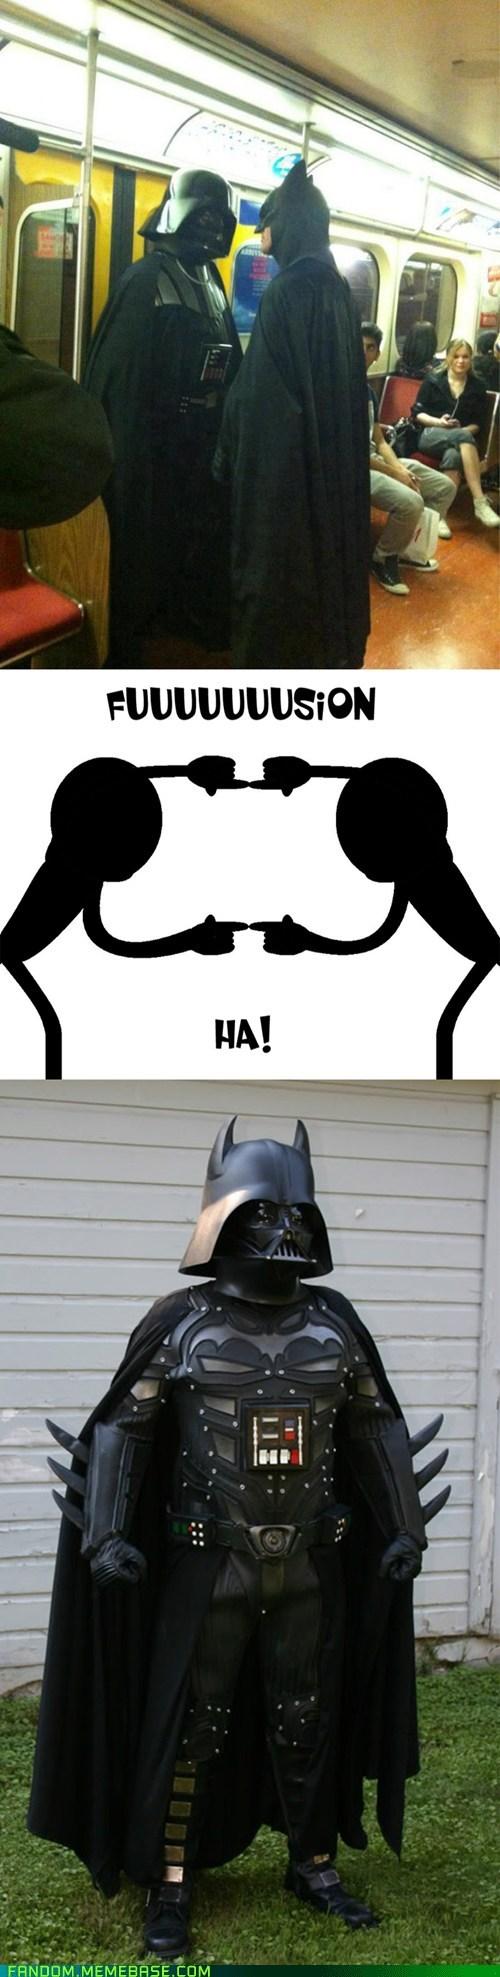 fusion crossover cosplay batman darth vader - 7089282304